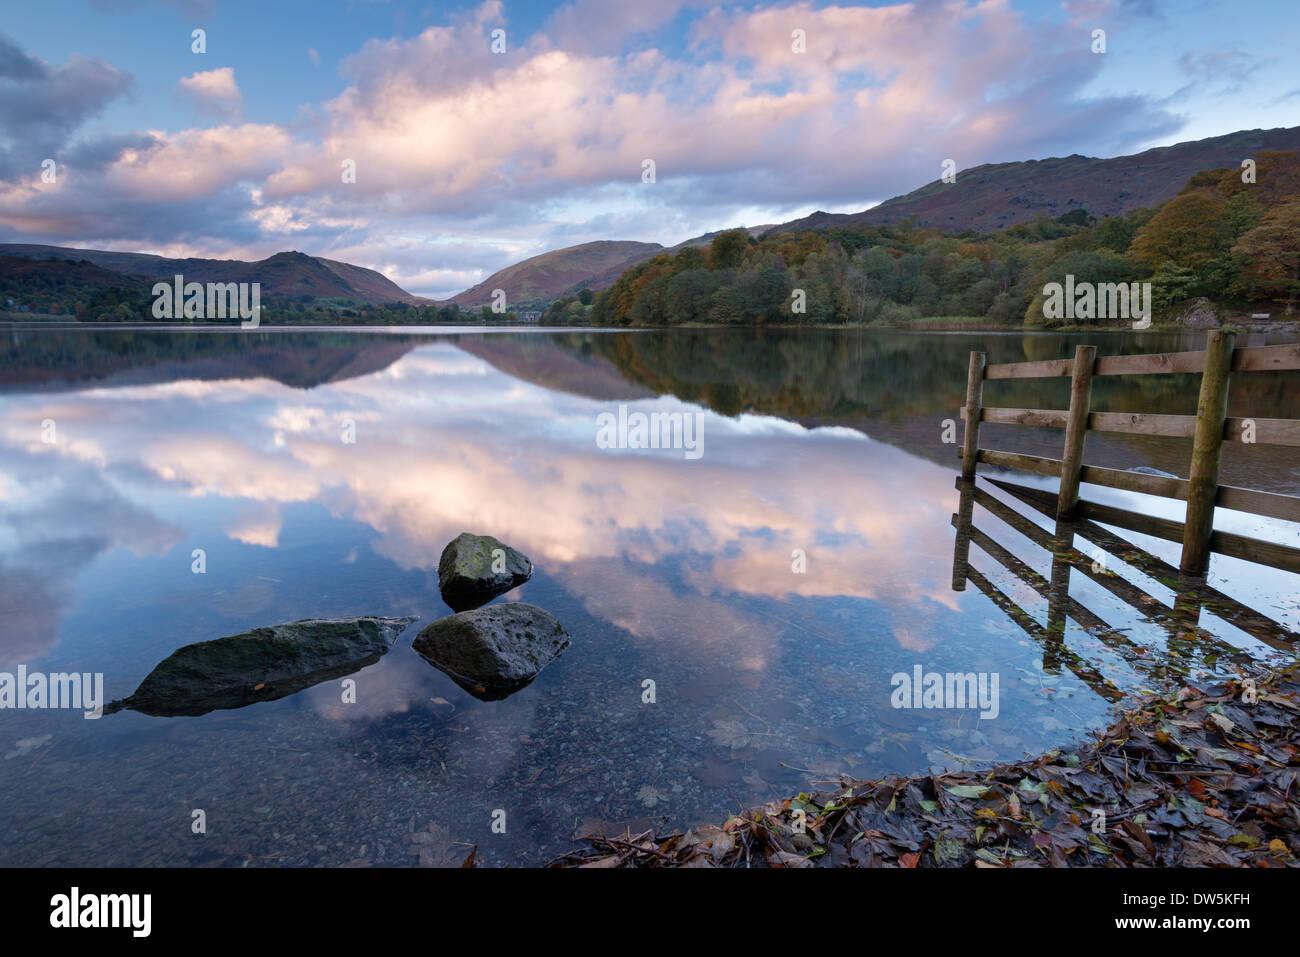 Coucher du soleil au-dessus de Grasmere dans le Parc National du Lake District, Cumbria, Angleterre. L'automne (octobre) 2012. Photo Stock